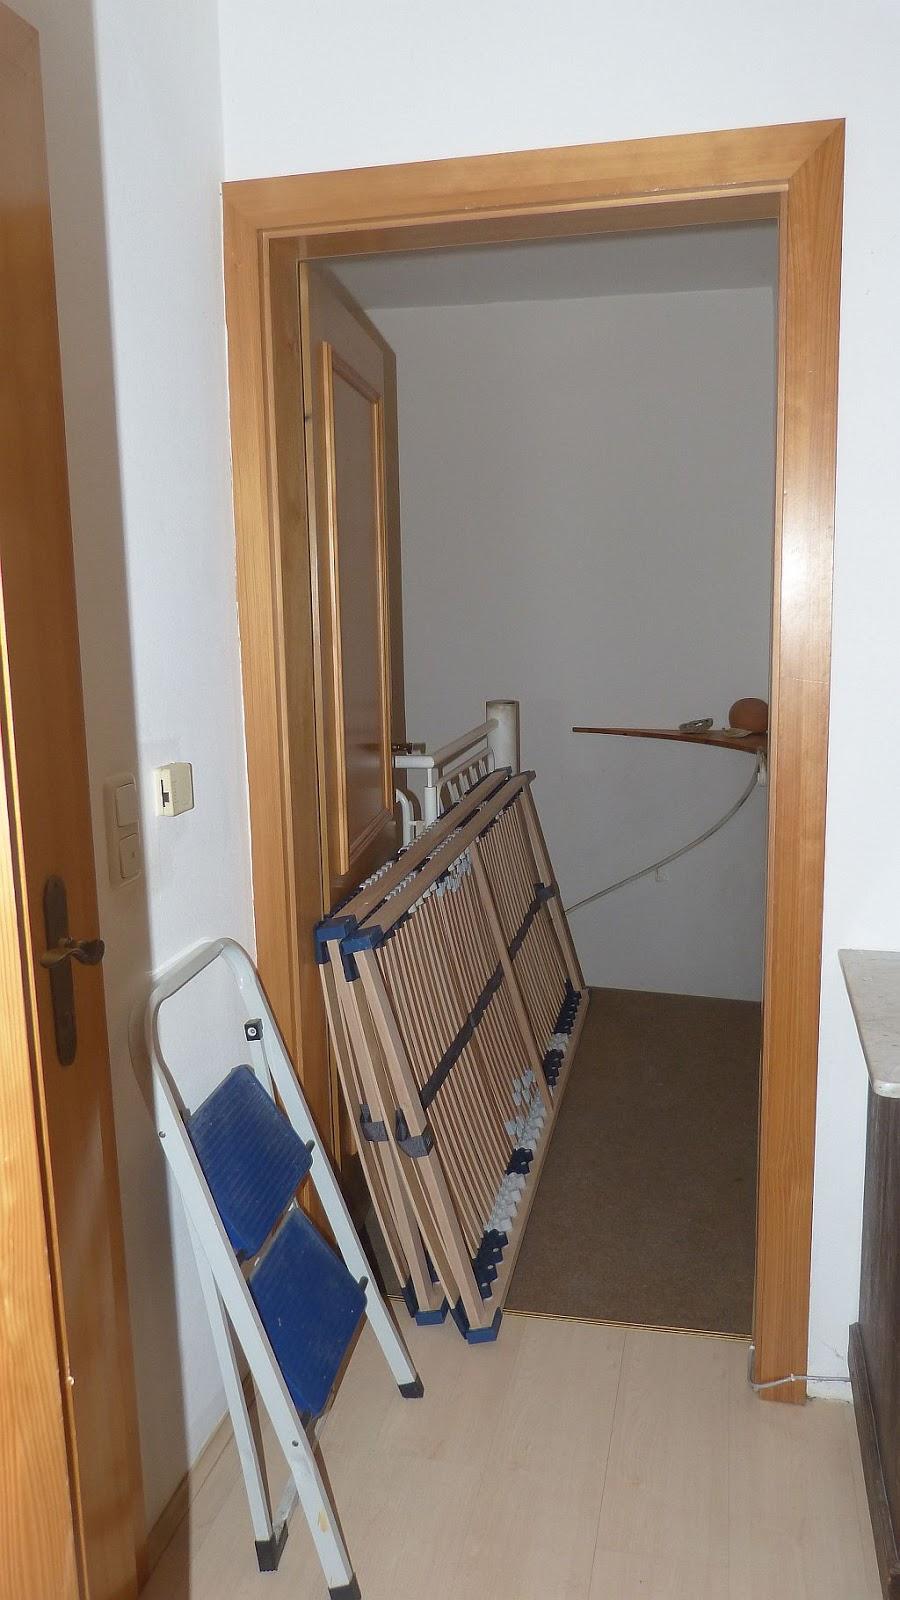 Jeder tag ist ein guter tag schlafzimmer neu odyssee - Schlafzimmer neu ...